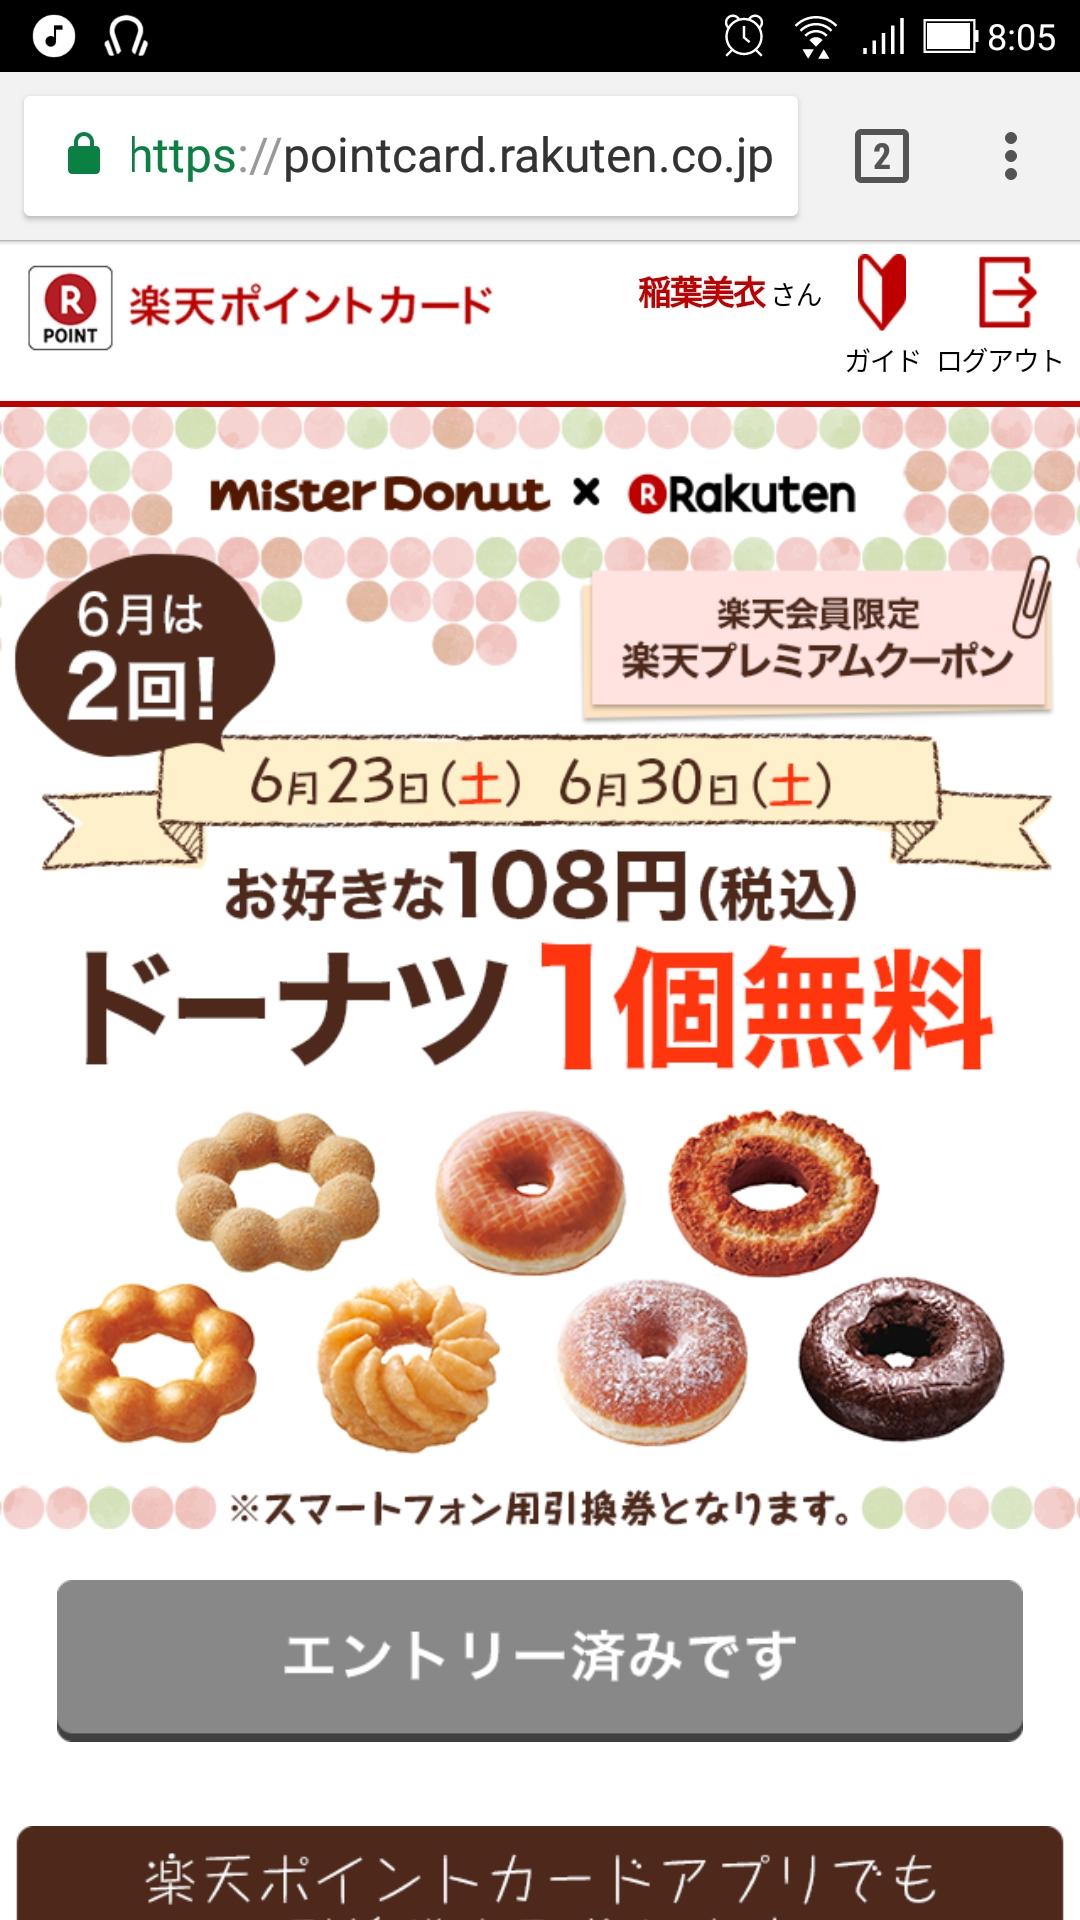 【楽天×ミスド】6月23日と30日ドーナツもらえるよ♪